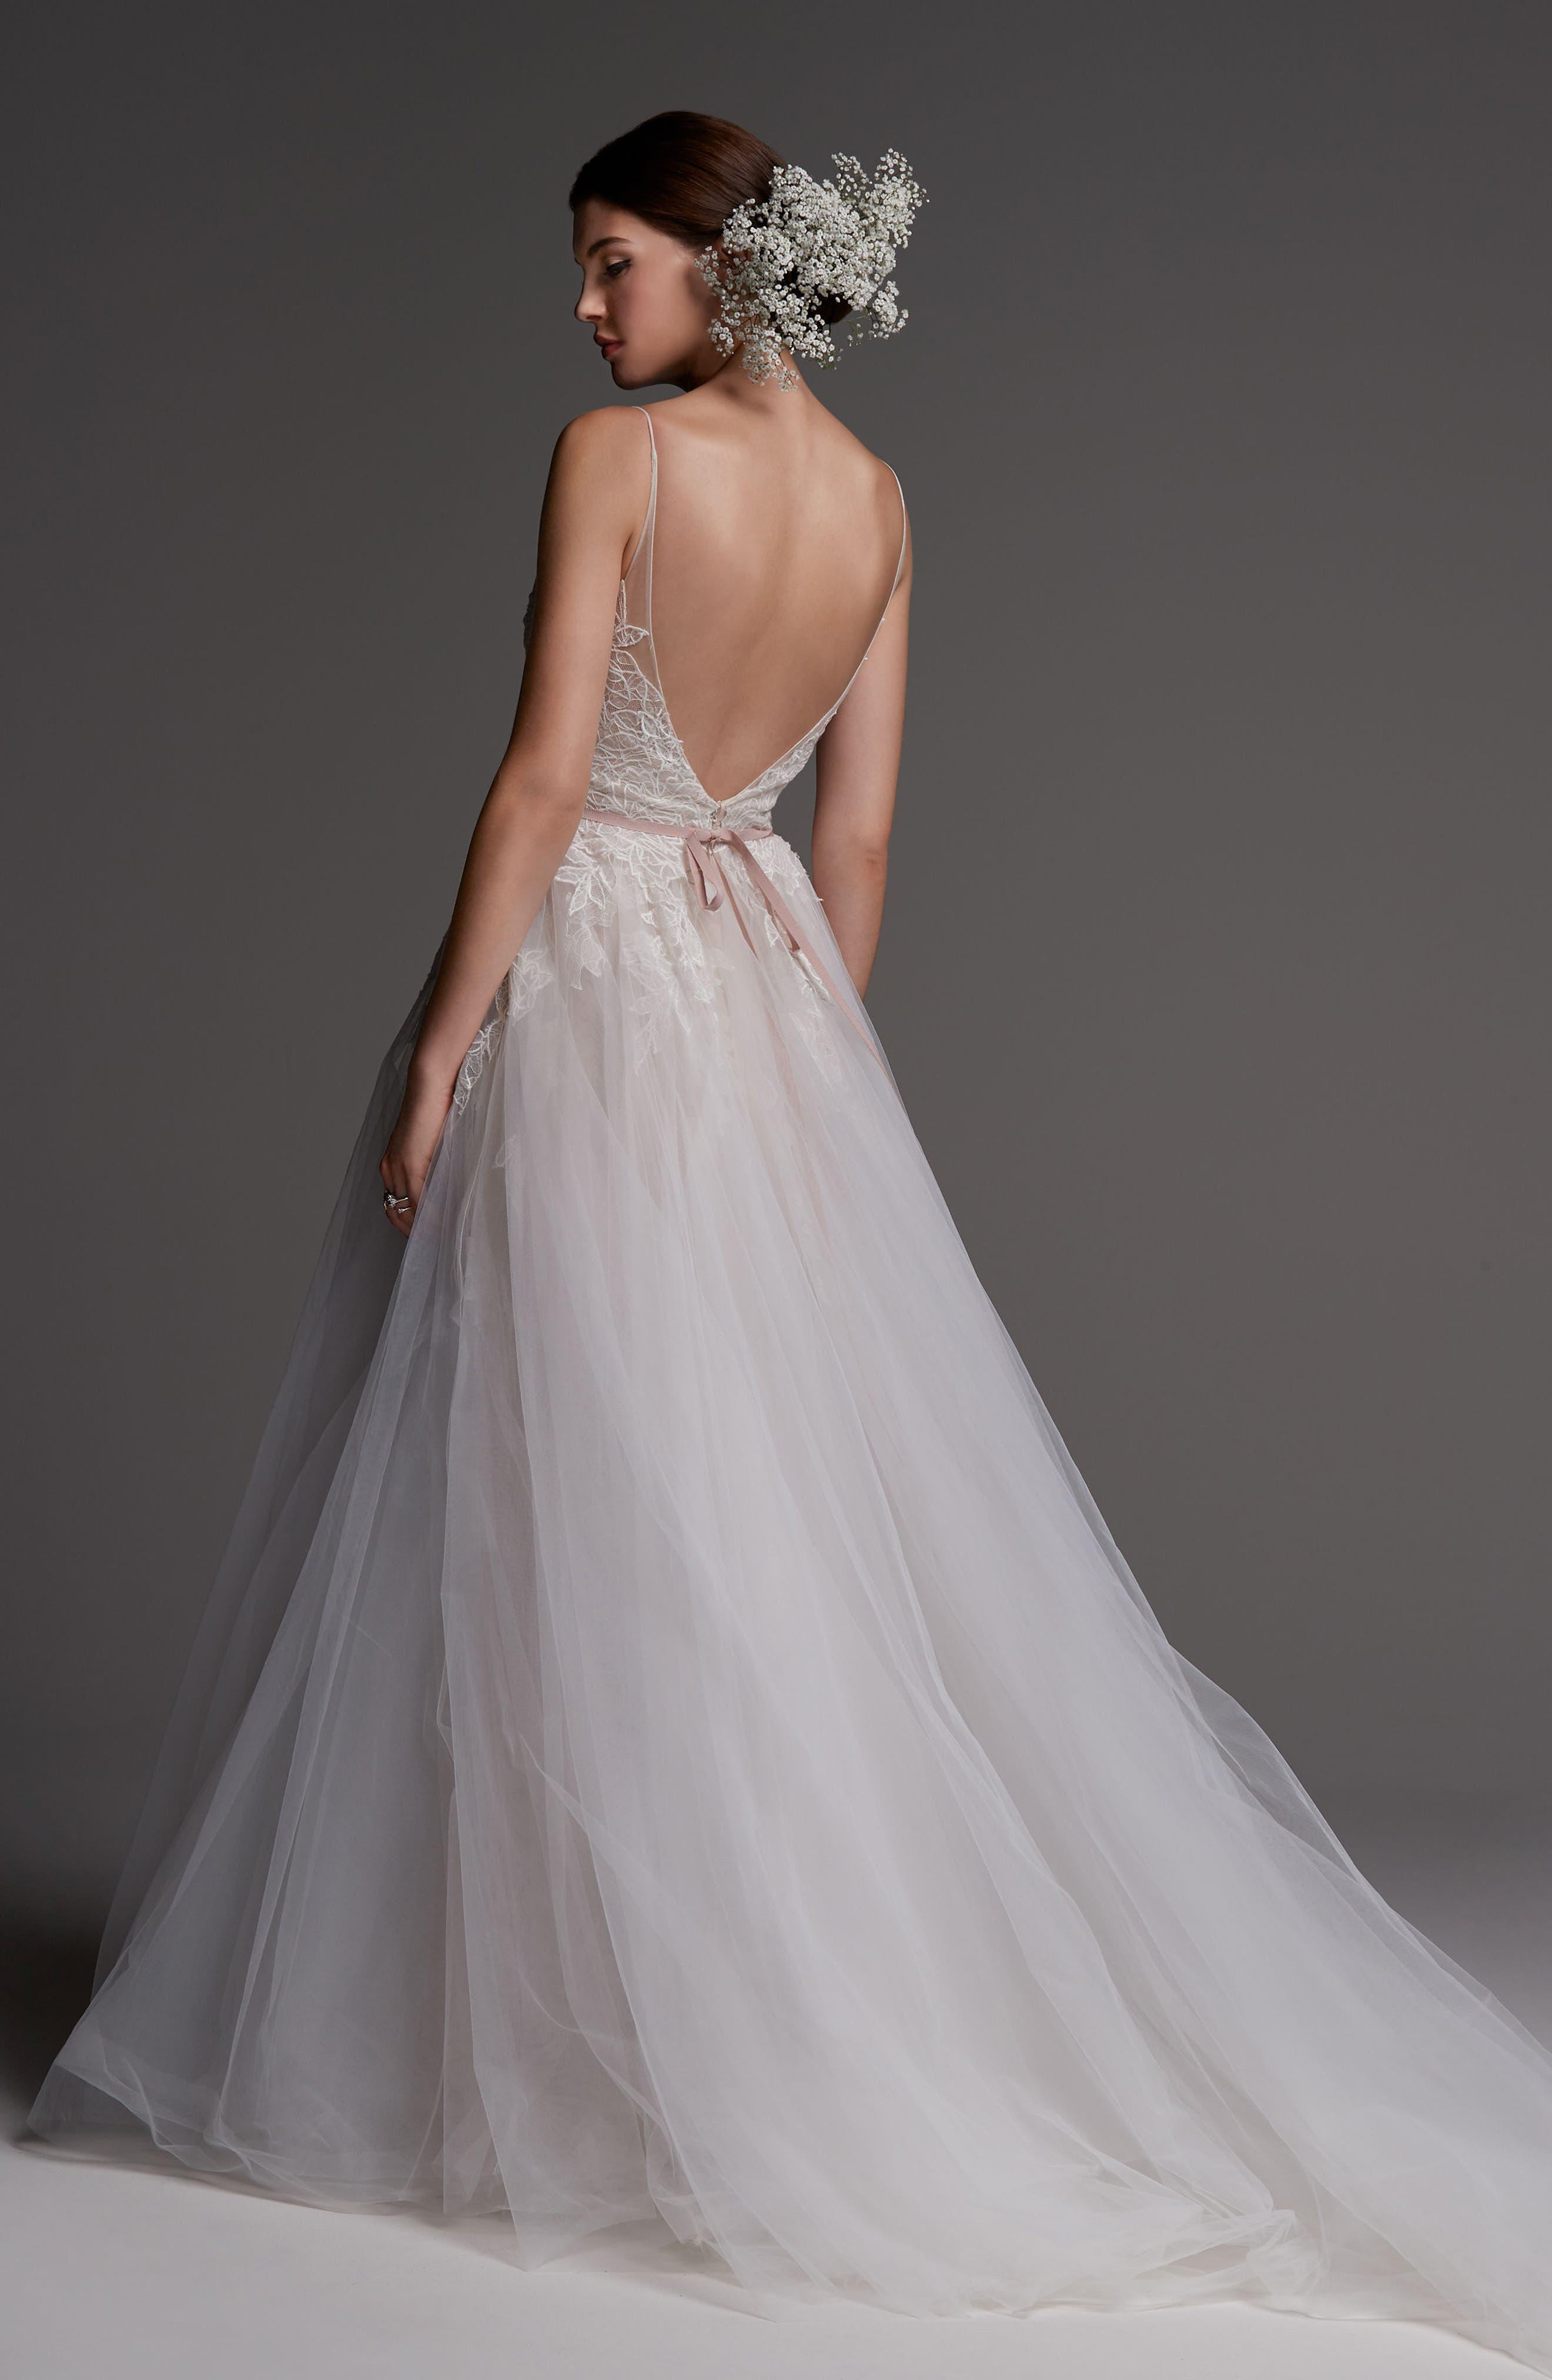 Avignon Lace & Tulle A-Line Gown,                             Alternate thumbnail 2, color,                             IVORY/ BLUSH/ ROSE QUARTZ